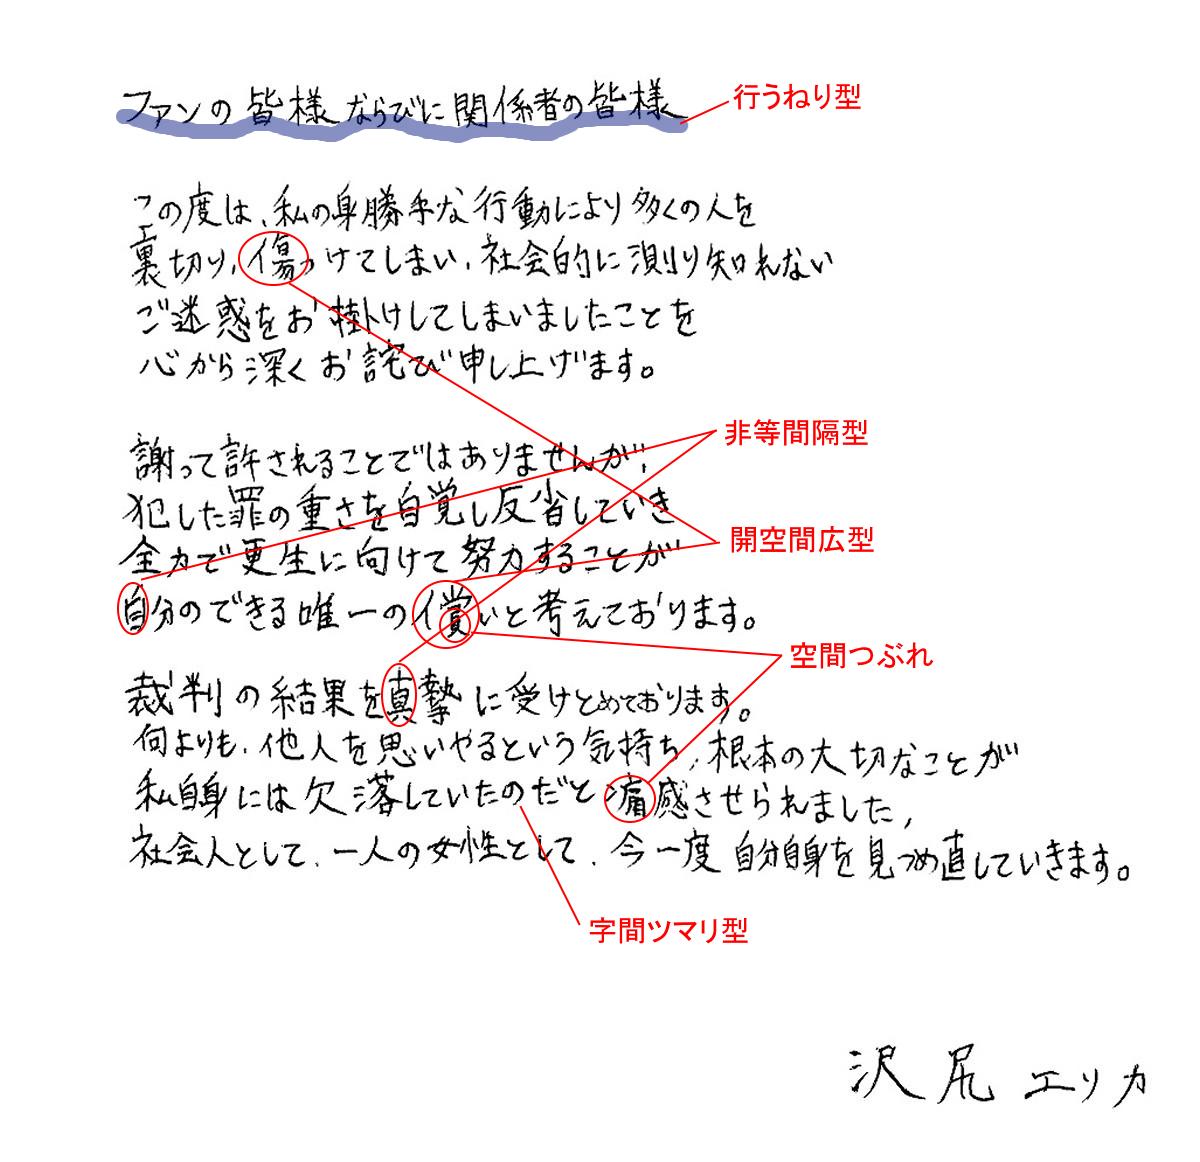 沢尻エリカ筆跡診断